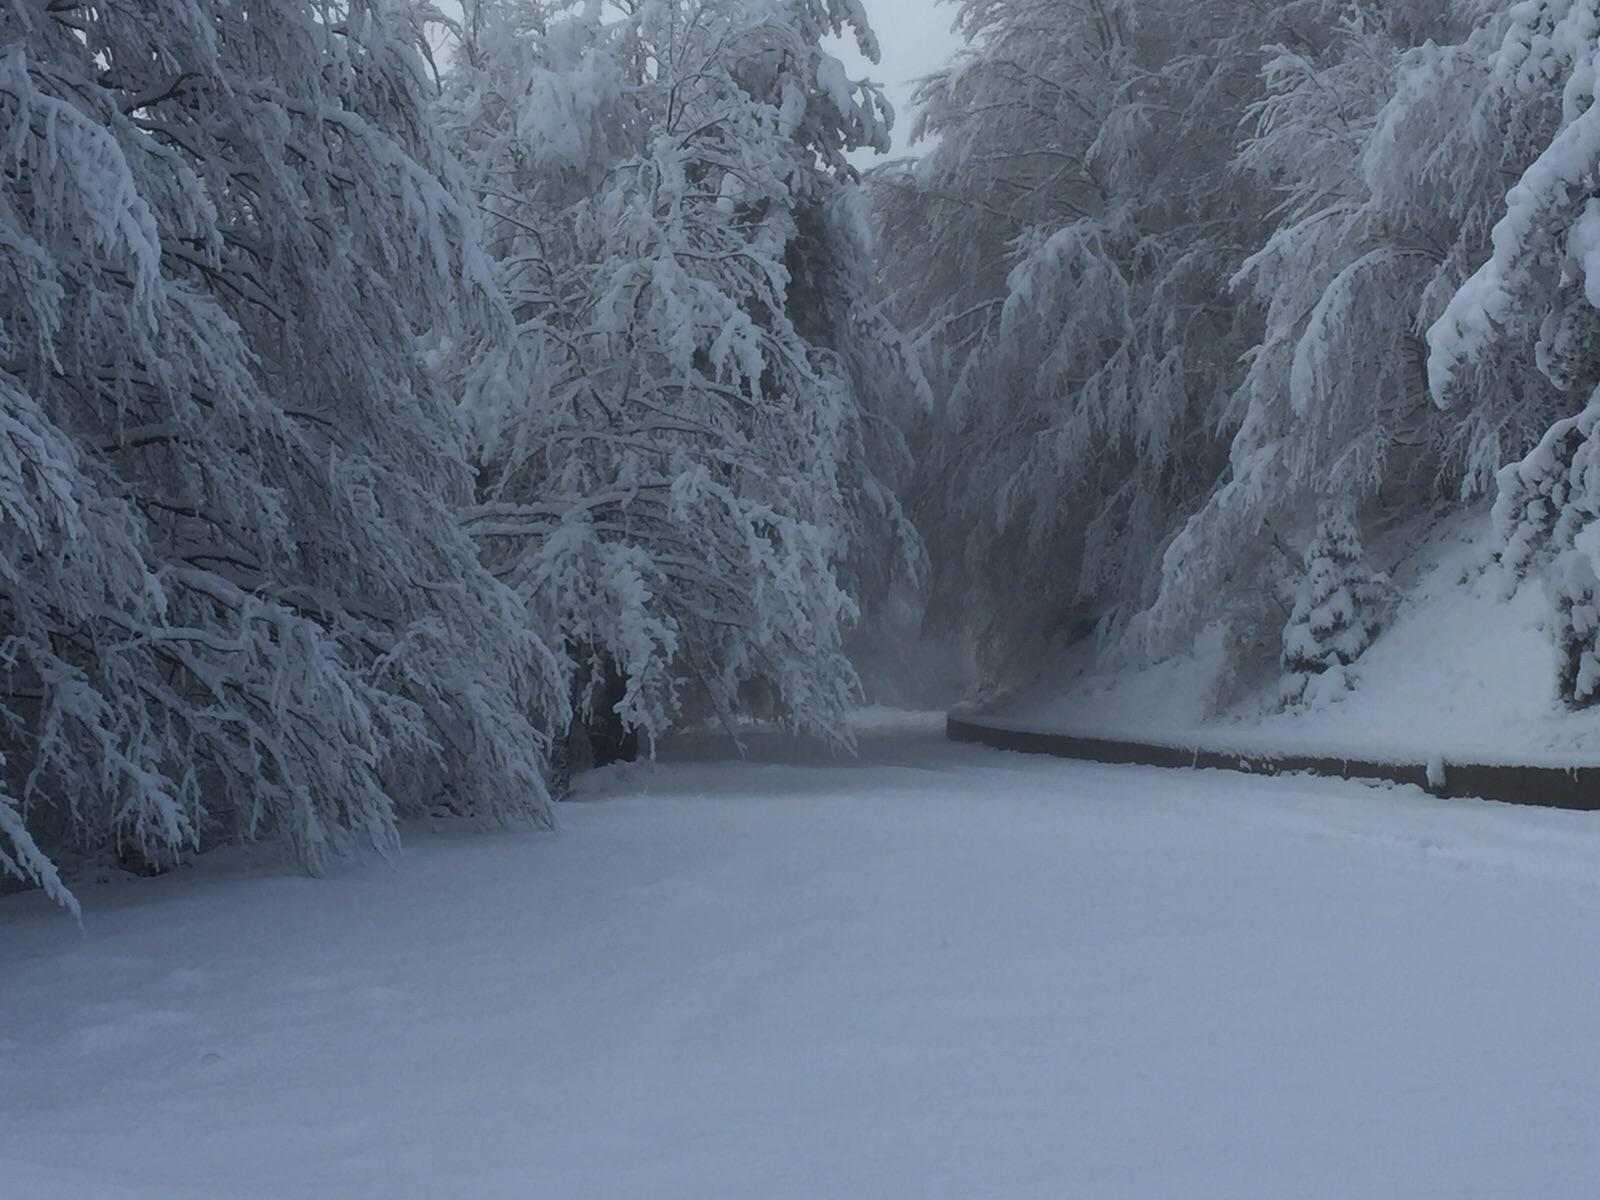 Temporaneo calo termico e neve sui monti dalla serata di domani